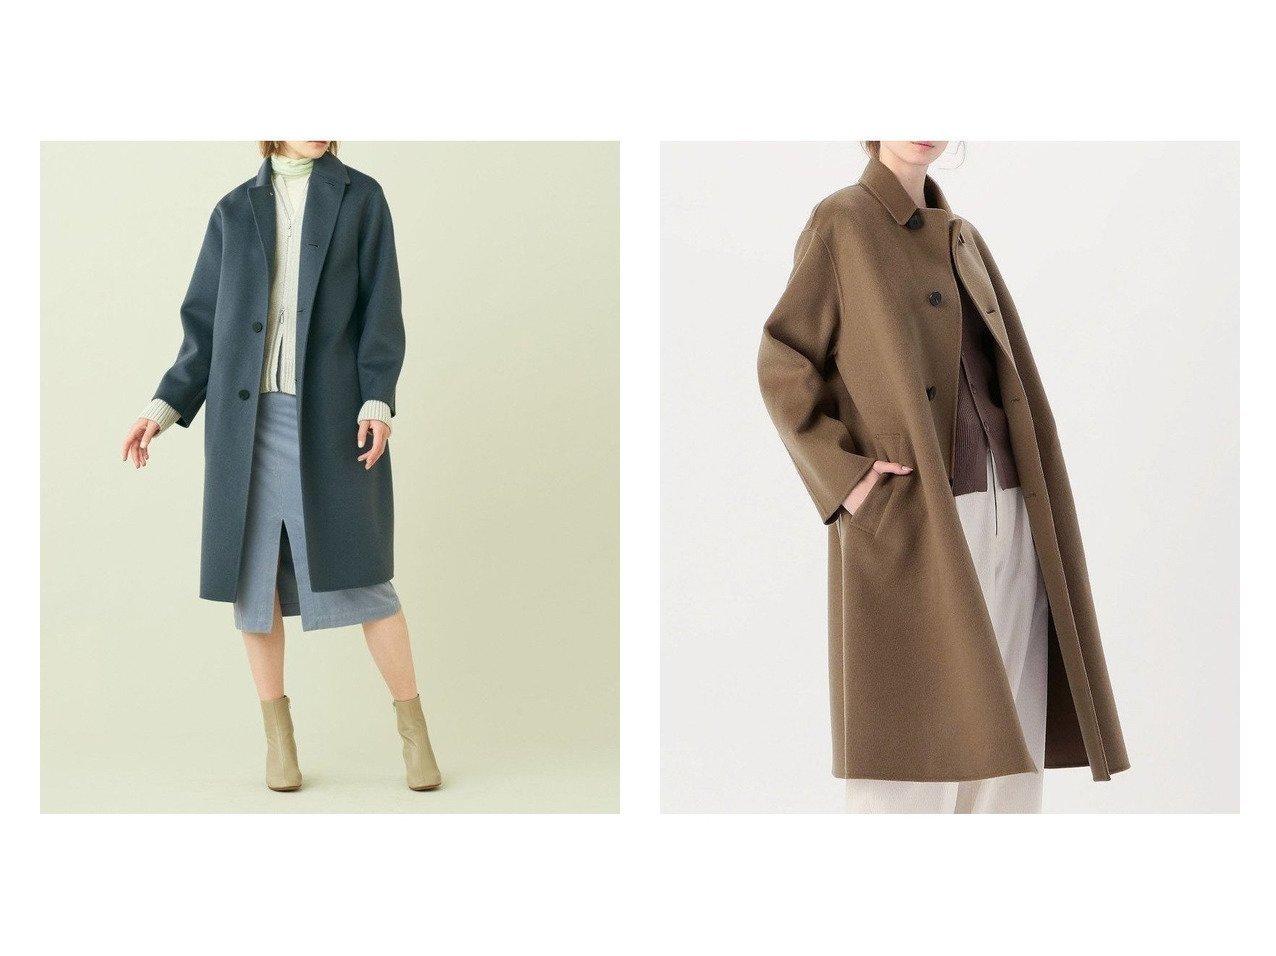 【GALERIE VIE / TOMORROWLAND/ギャルリー ヴィー】の【WEB先行予約】ウールダブルフェイス ダスターコート アウターのおすすめ!人気、トレンド・レディースファッションの通販 おすすめで人気の流行・トレンド、ファッションの通販商品 メンズファッション・キッズファッション・インテリア・家具・レディースファッション・服の通販 founy(ファニー) https://founy.com/ ファッション Fashion レディースファッション WOMEN アウター Coat Outerwear コート Coats ジャケット Jackets 2020年 2020 2020-2021 秋冬 A/W AW Autumn/Winter / FW Fall-Winter 2020-2021 A/W 秋冬 AW Autumn/Winter / FW Fall-Winter なめらか ジャケット バランス ベーシック 冬 Winter  ID:crp329100000014726